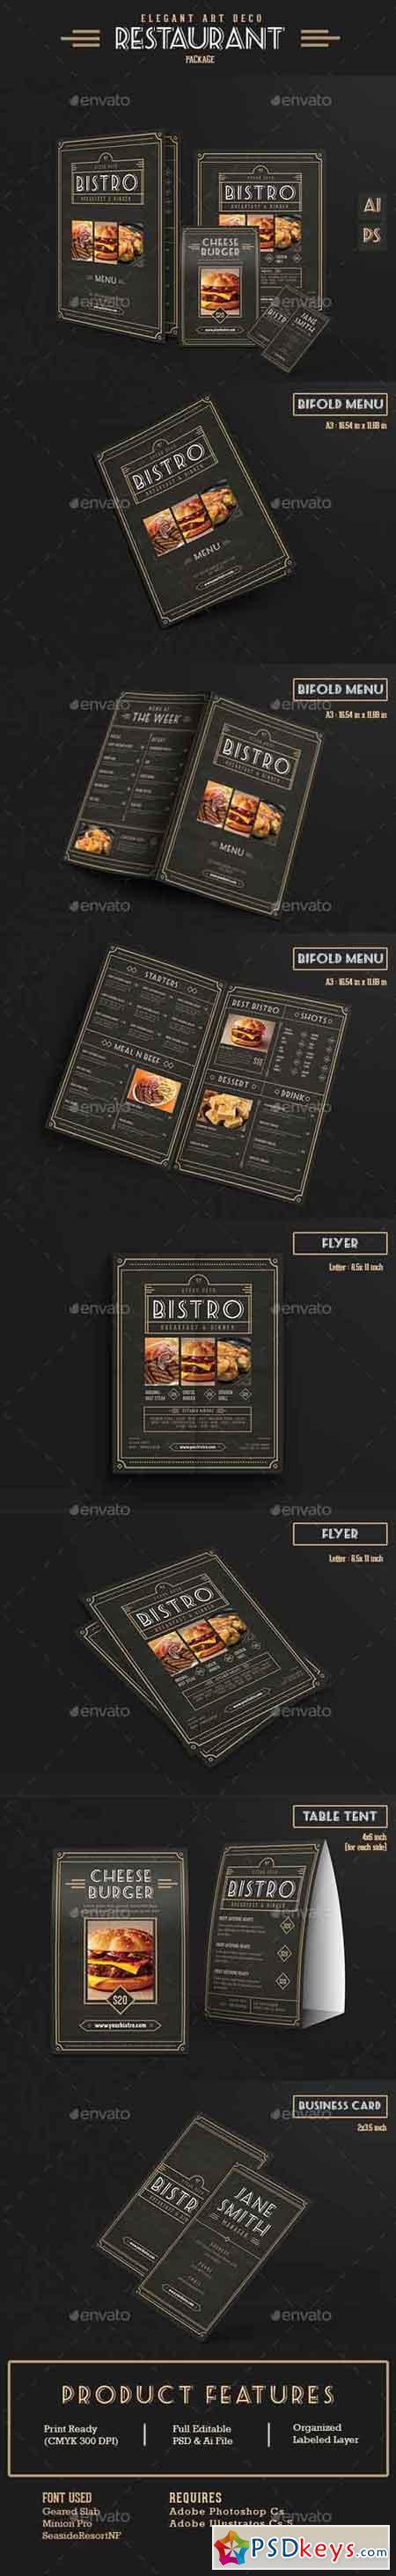 Elegant Restaurant Package 13649055